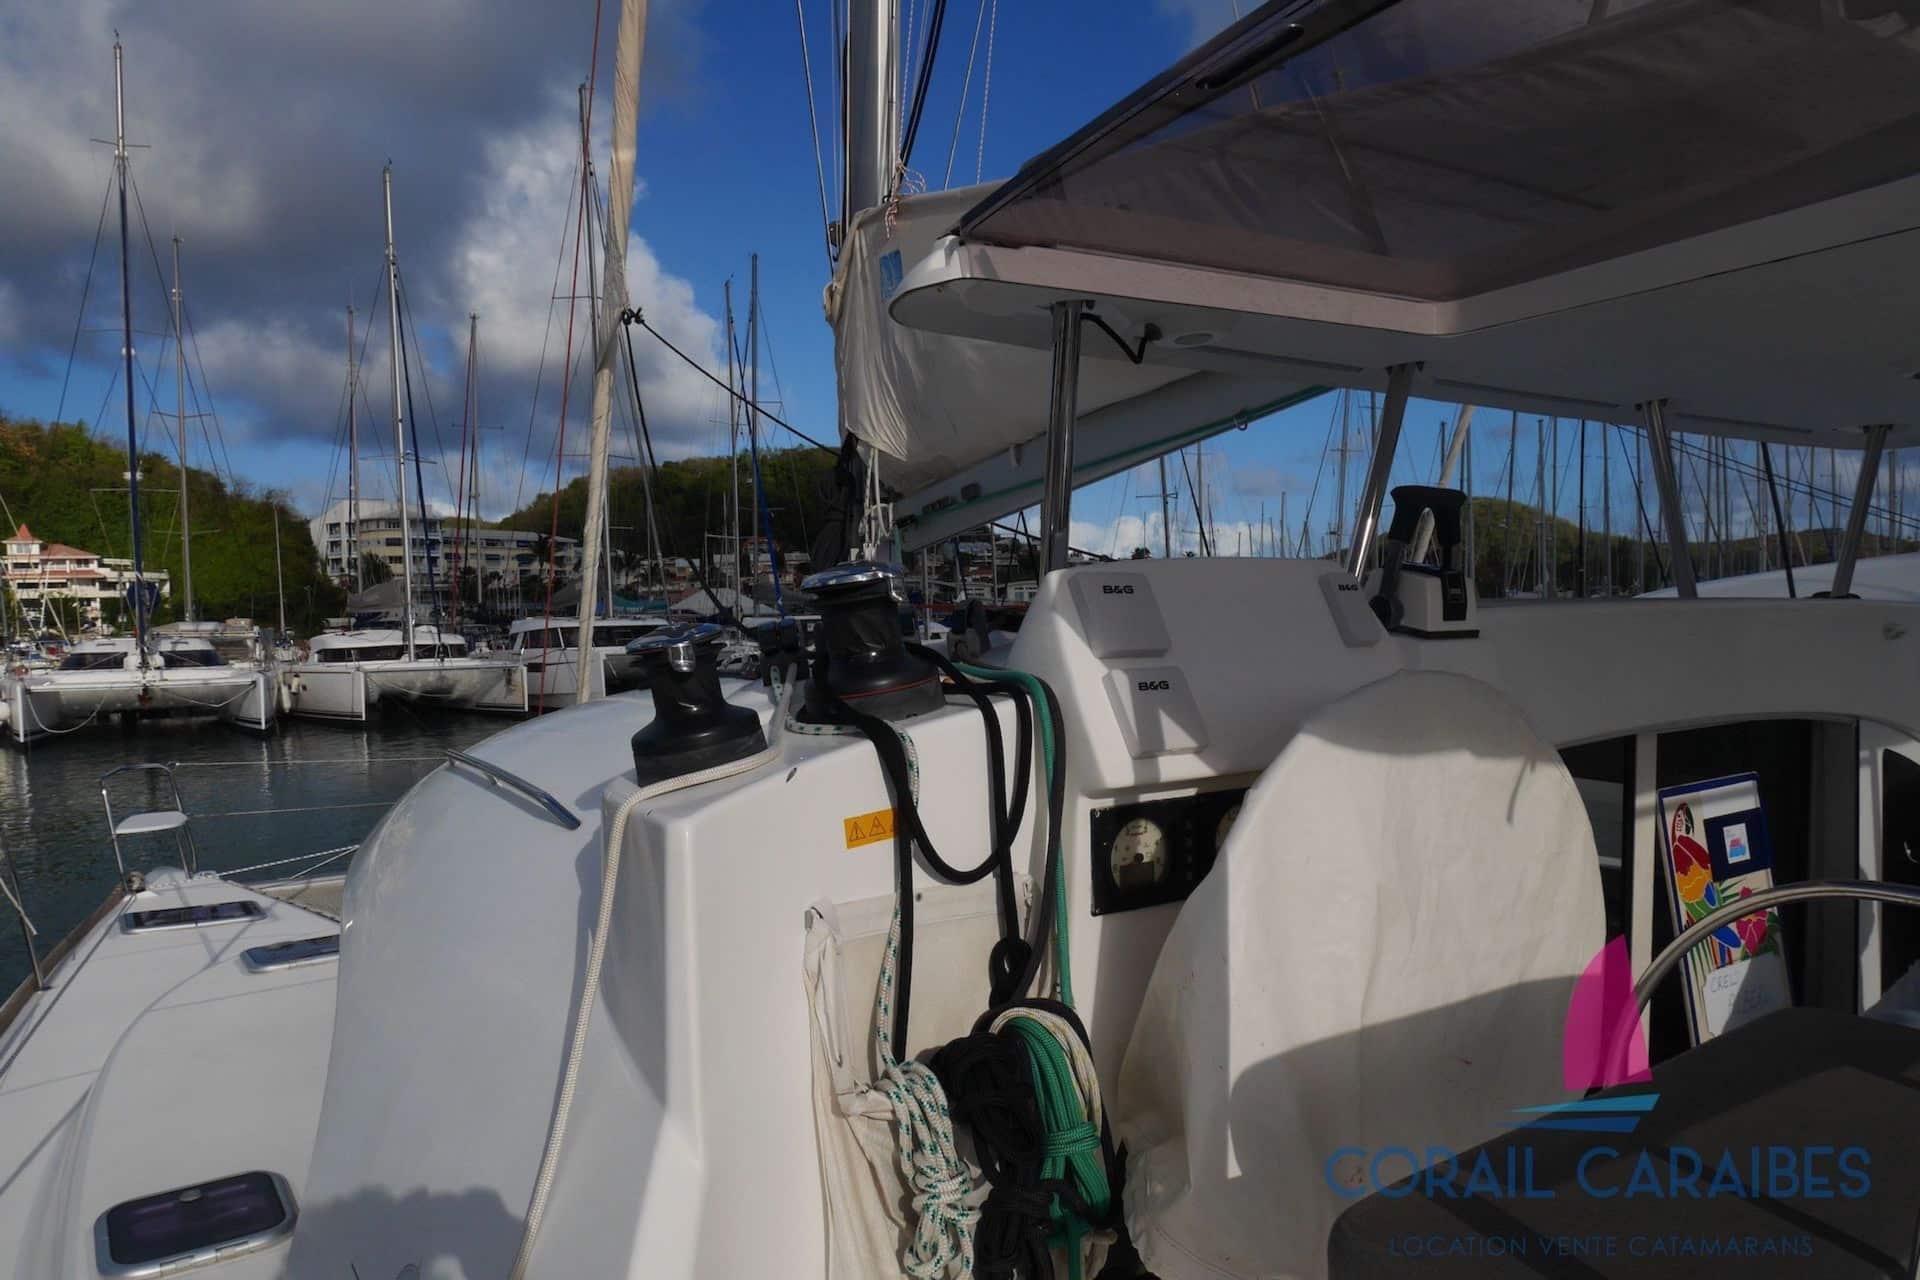 Lagoon-380-Corail-Caraibes-9